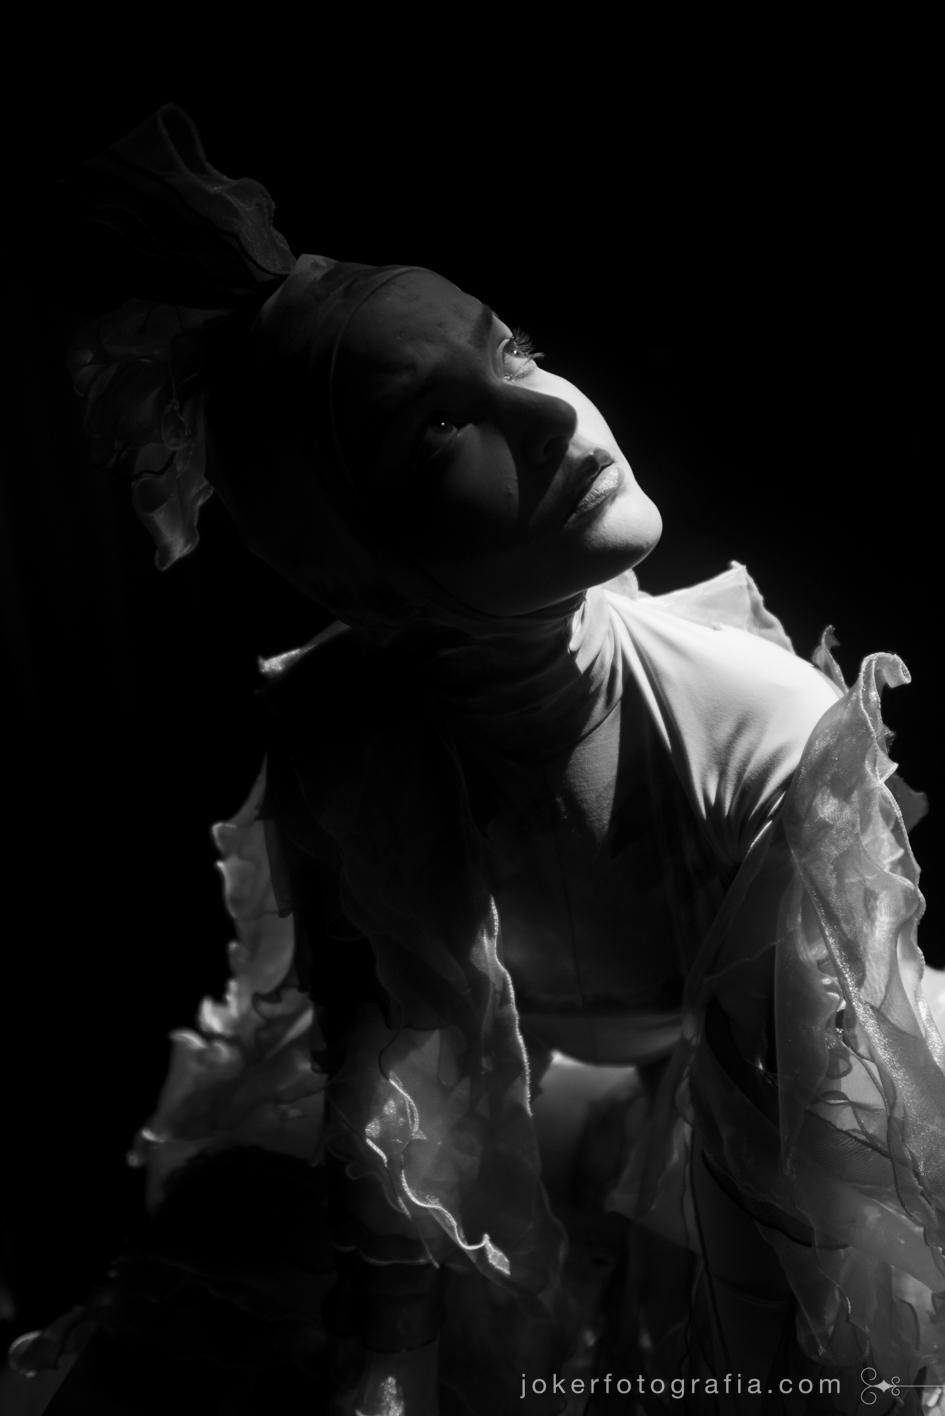 fotografia de teatro com sensibilidade artística